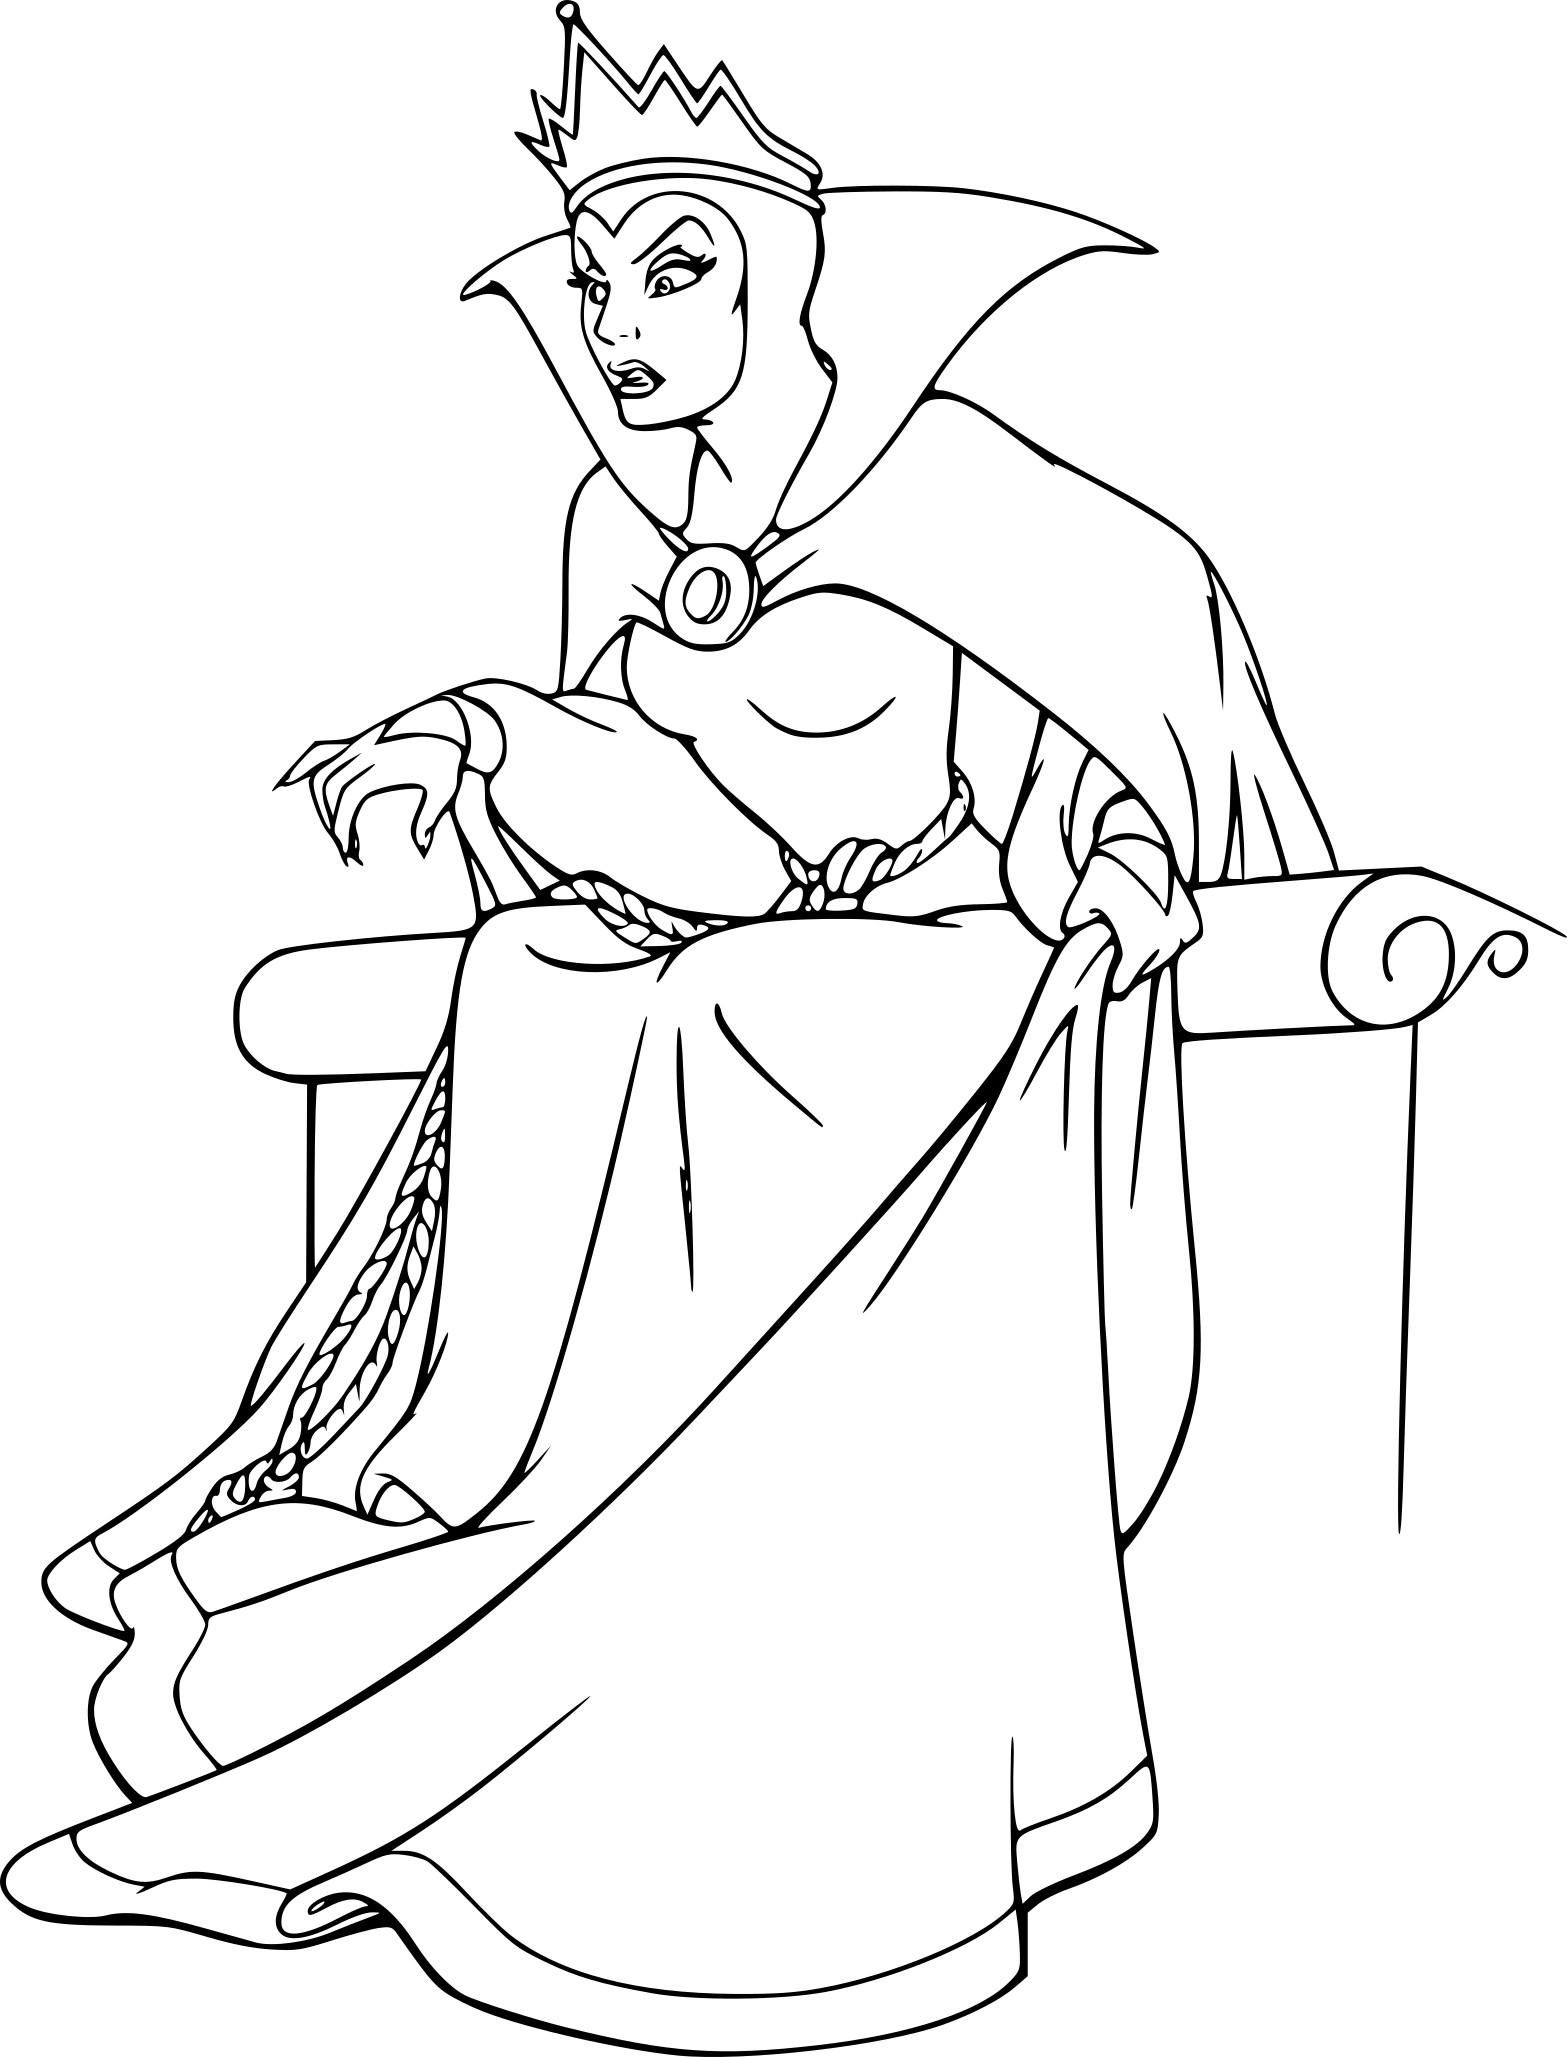 Coloriage La Reine Blanche Neige À Imprimer Sur Coloriages pour Blanche Neige À Colorier Et Imprimer